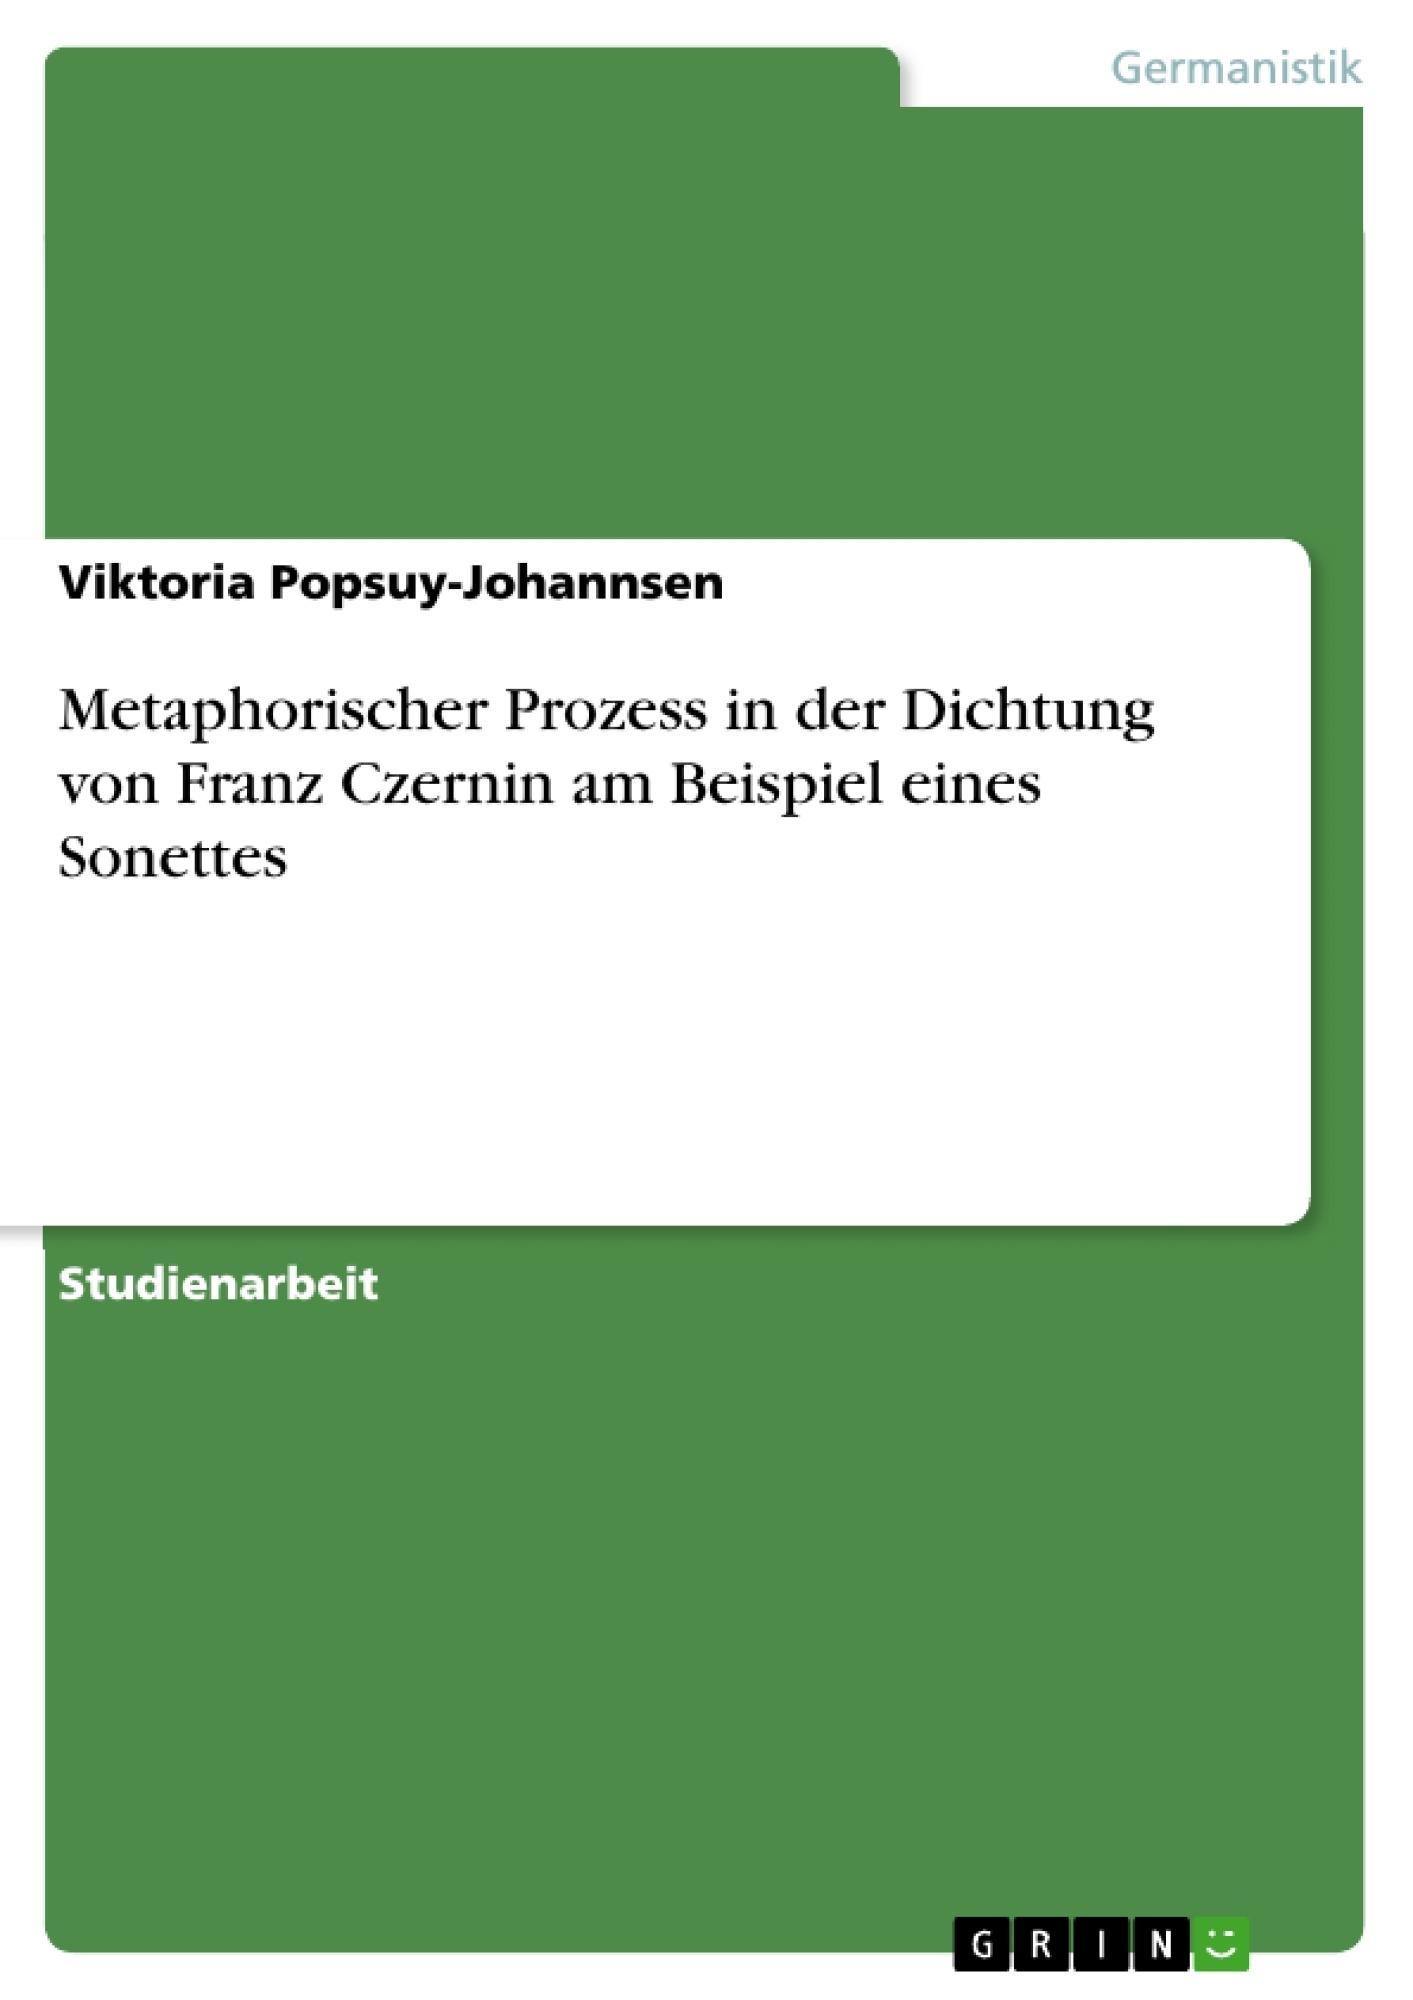 Titel: Metaphorischer Prozess in der Dichtung von Franz Czernin am Beispiel eines Sonettes